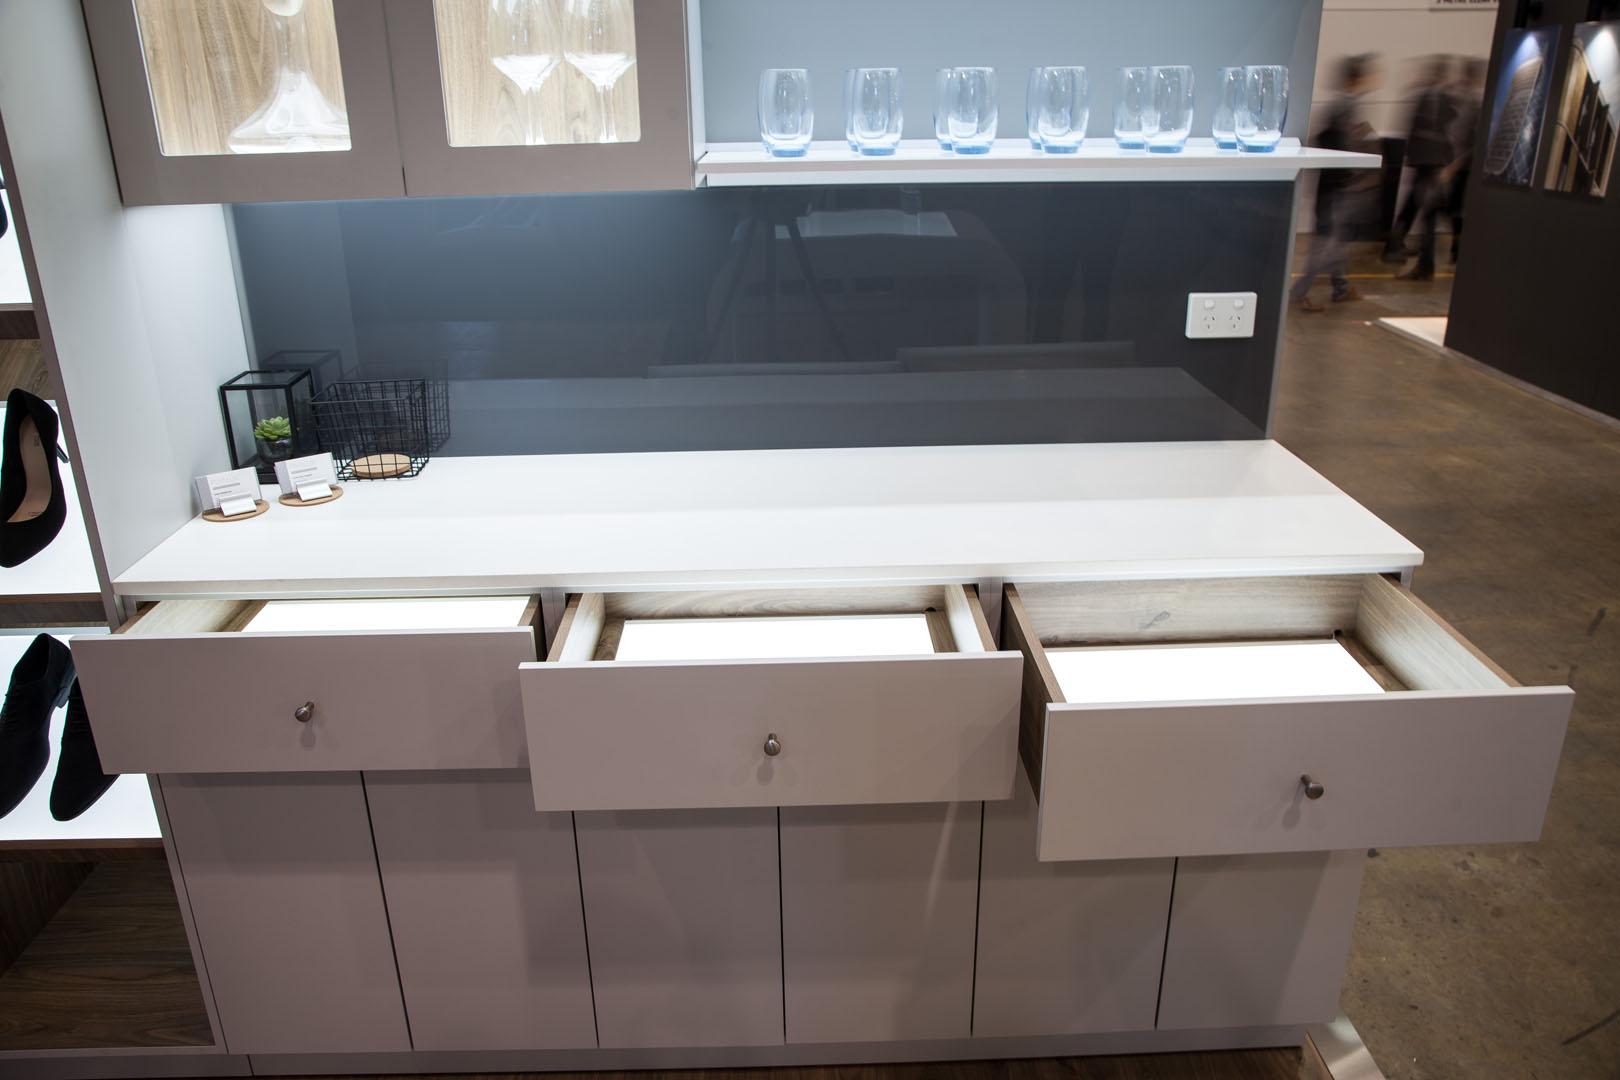 Illuminated drawers